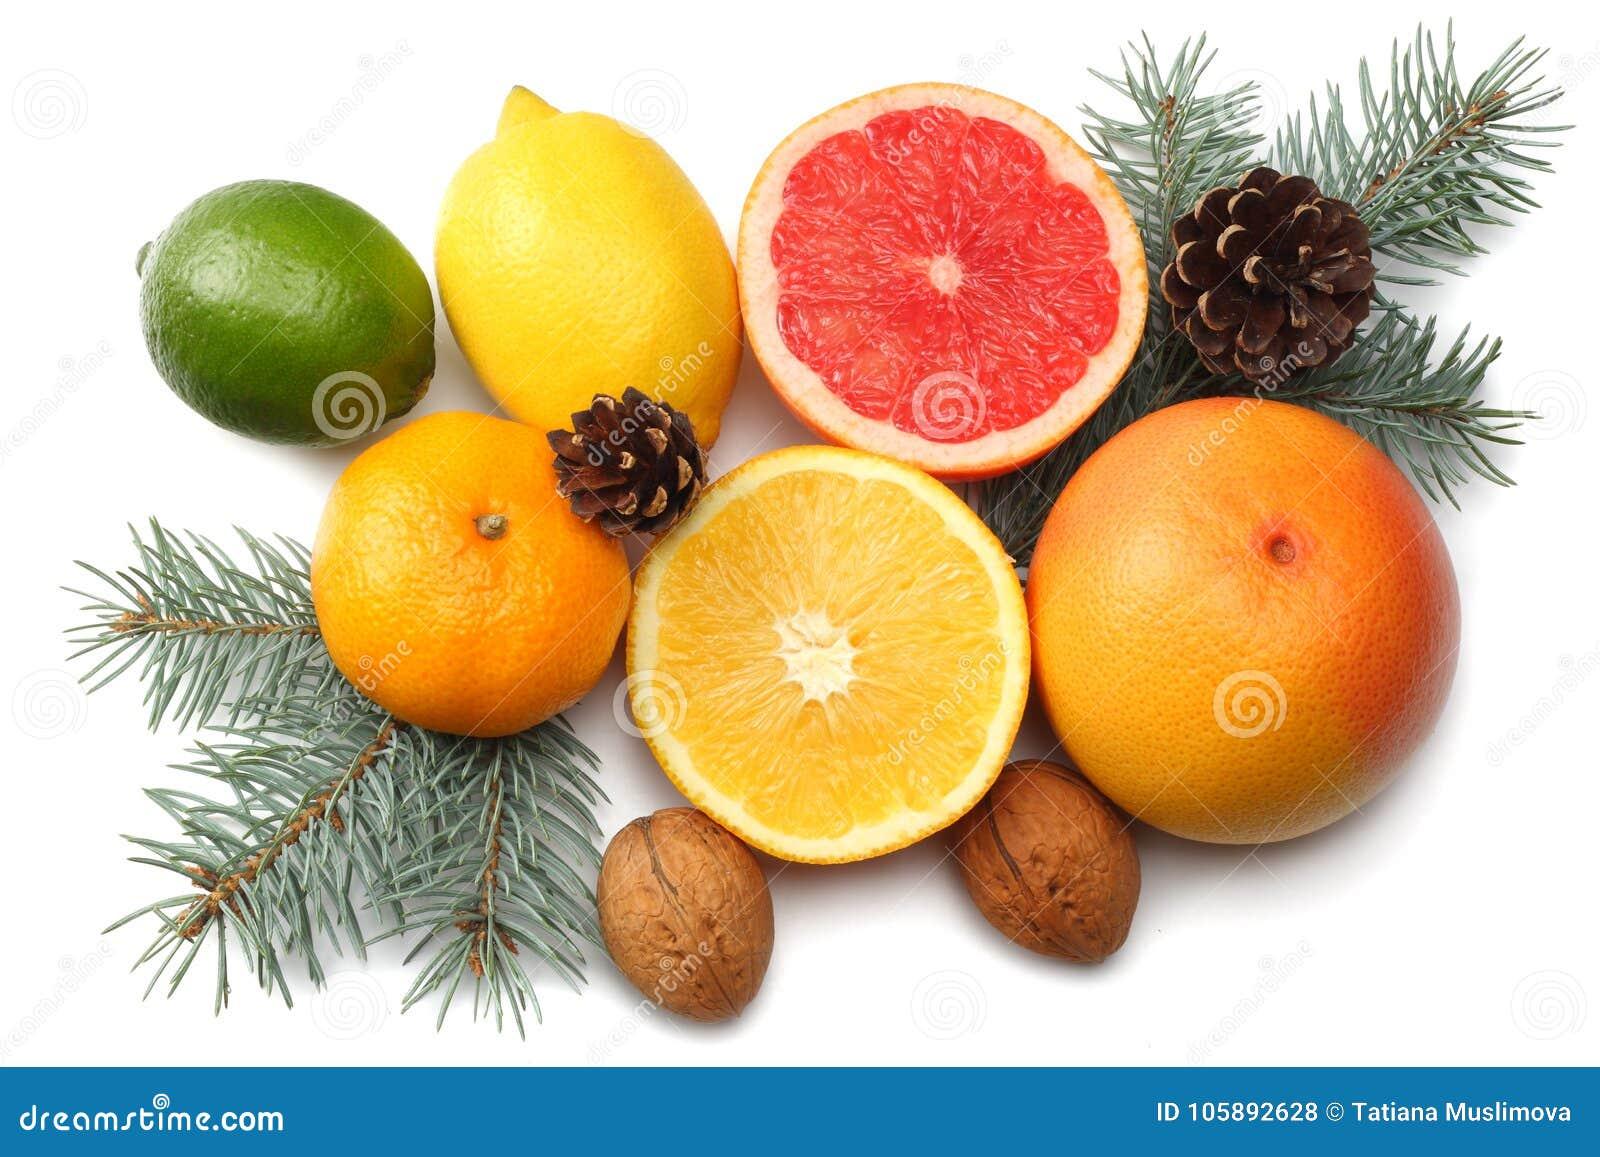 La Navidad mezcle el limón cortado, la cal verde, la naranja, el mandarín, la fruta de kiwi y el pomelo con el cono y el árbol de